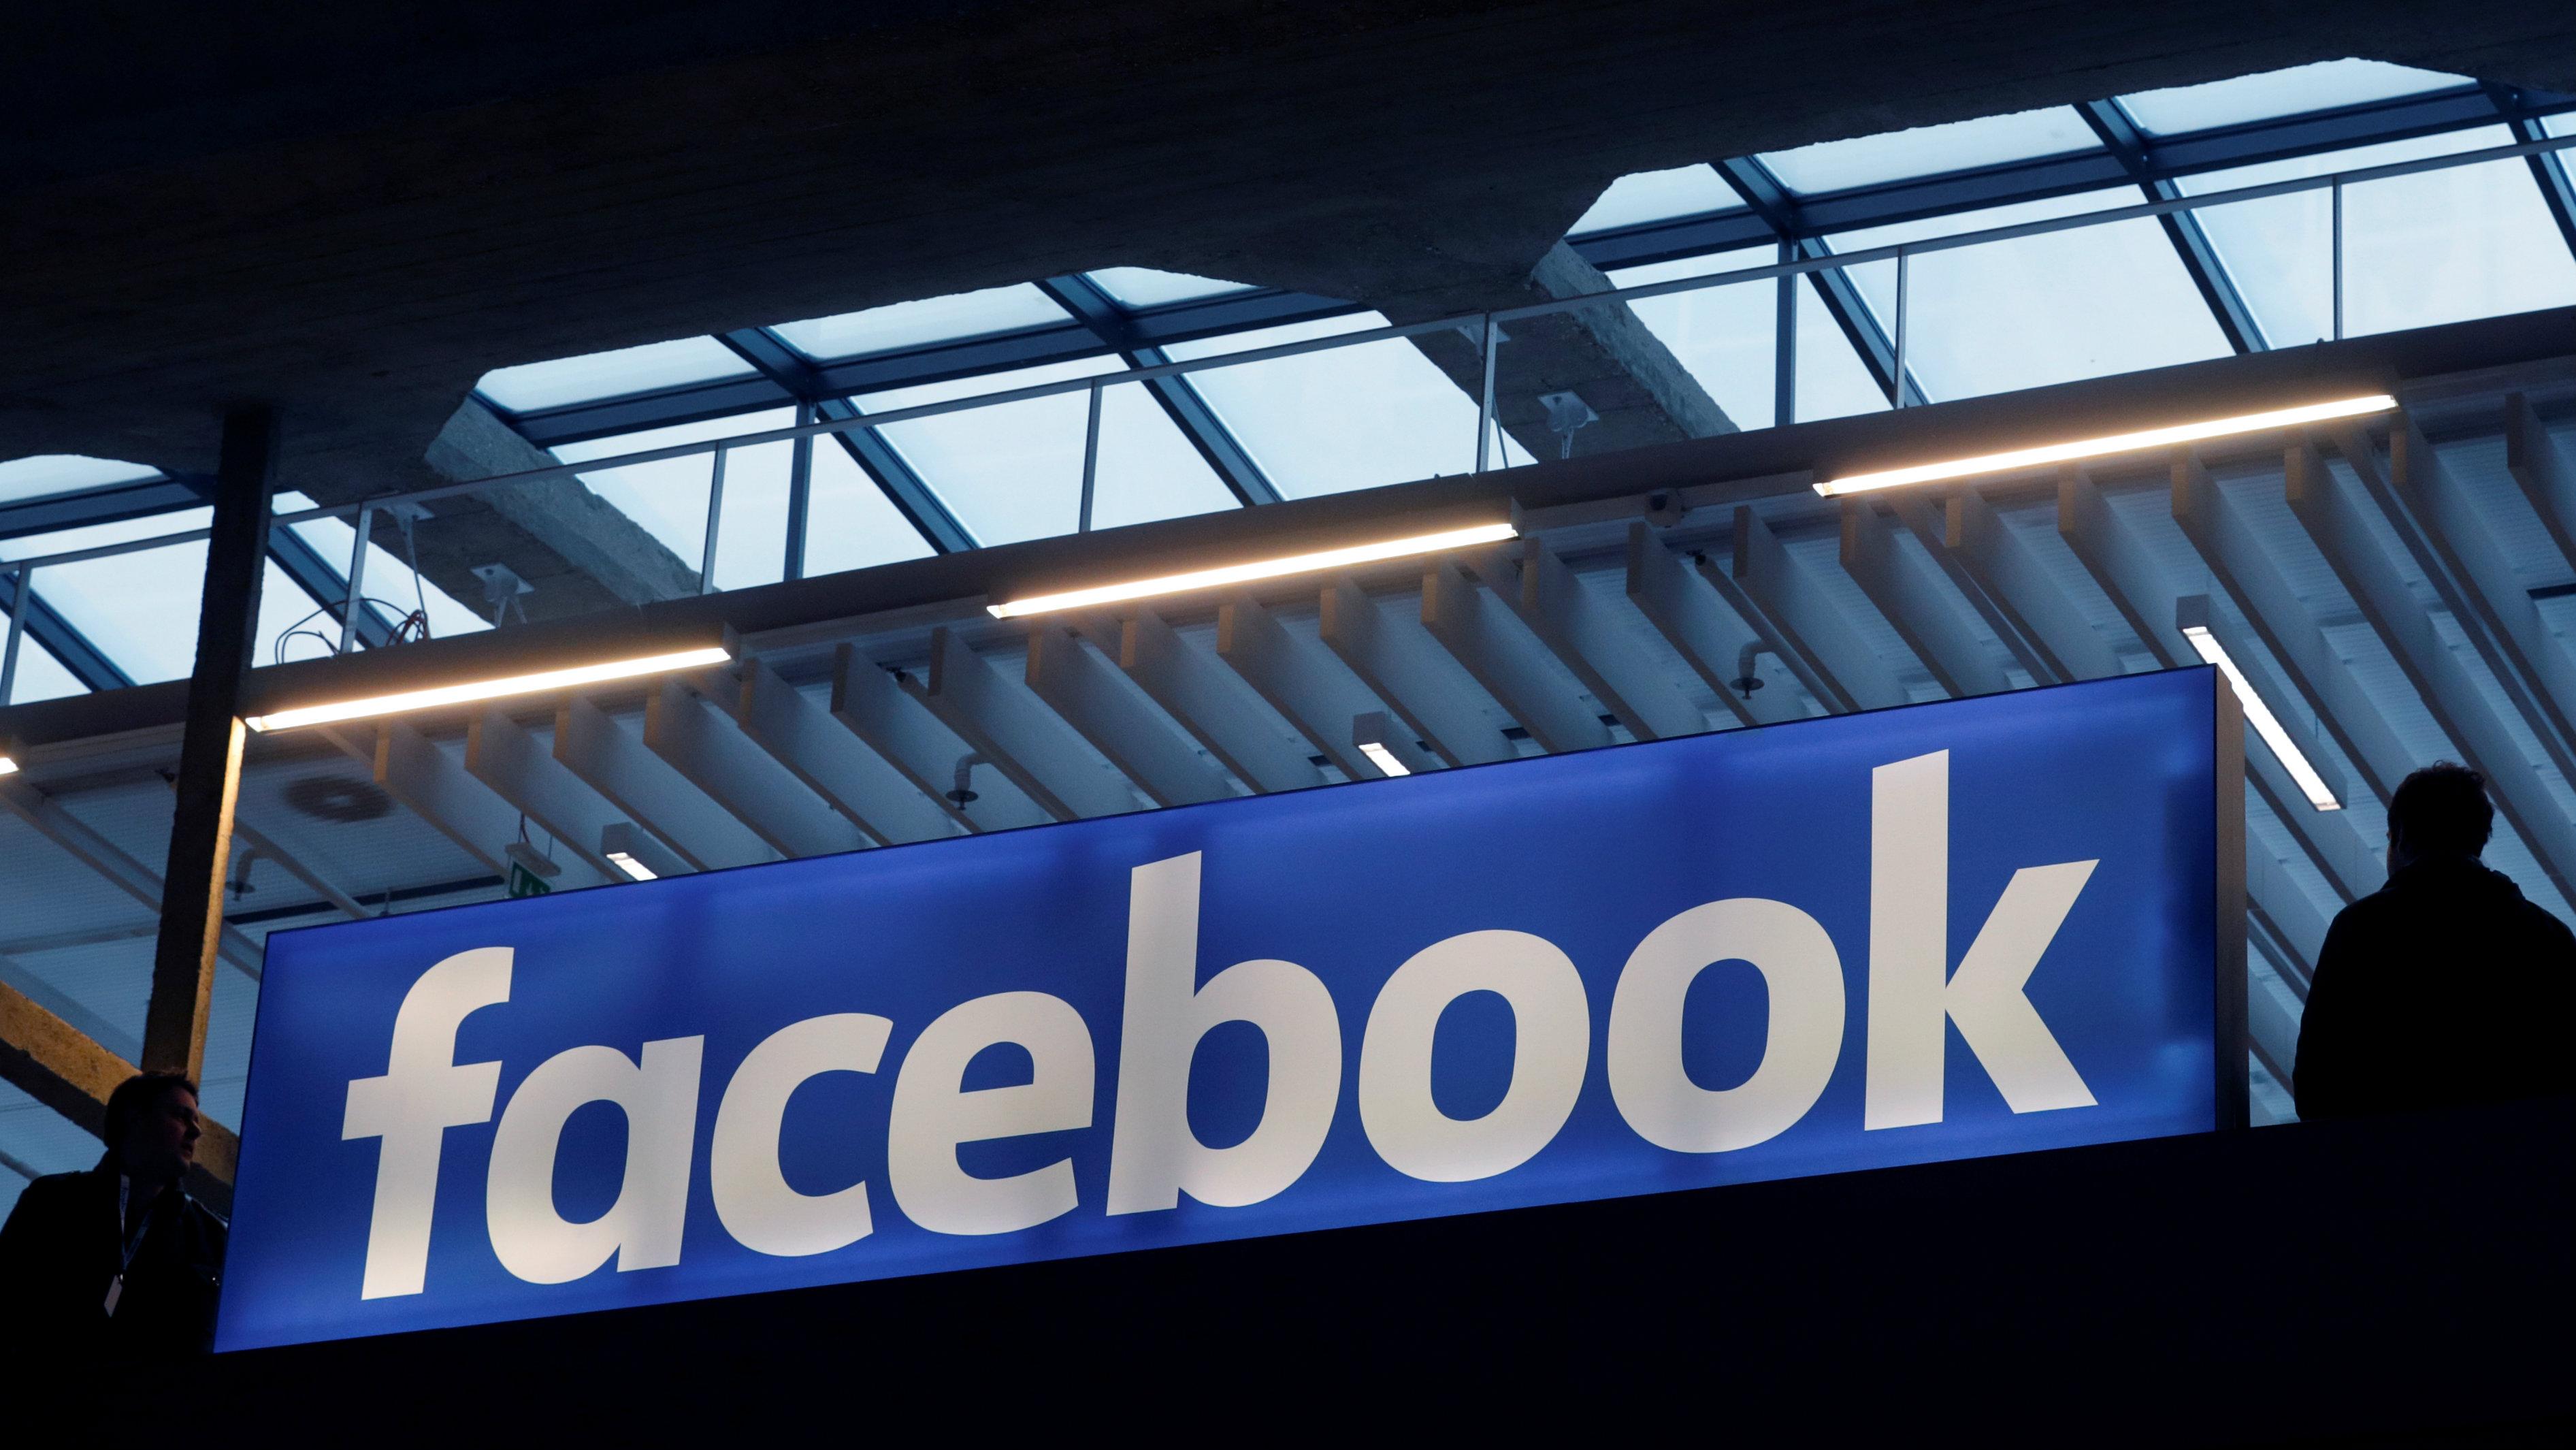 c 1 facebook logo sign RTSWFUE Philippe Wojazer